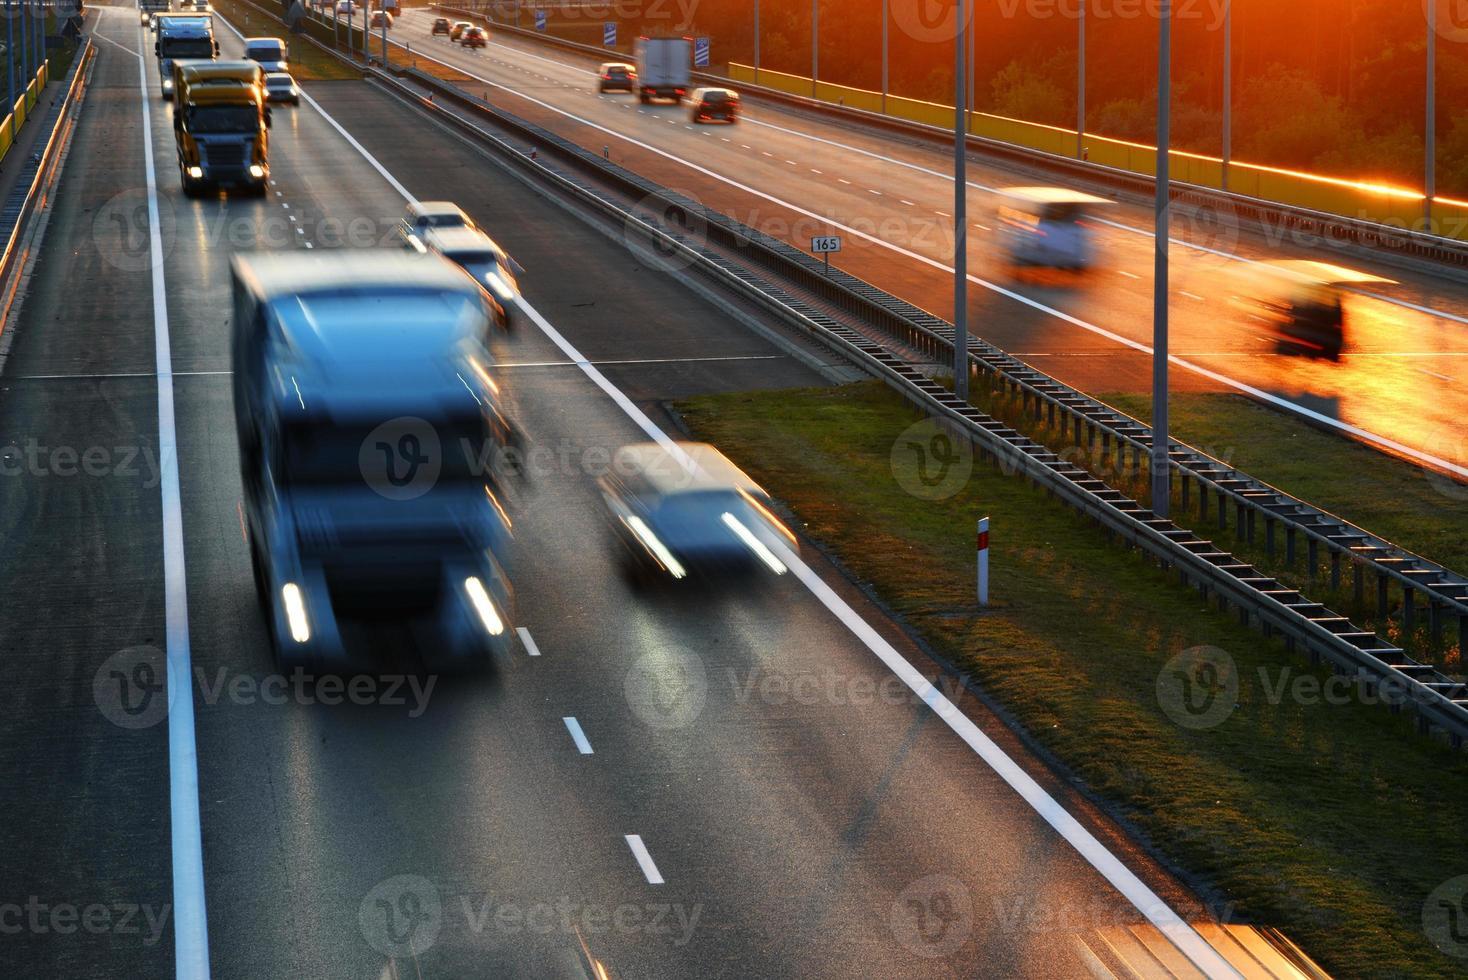 autostrada ad accesso controllato a poznan, polonia foto